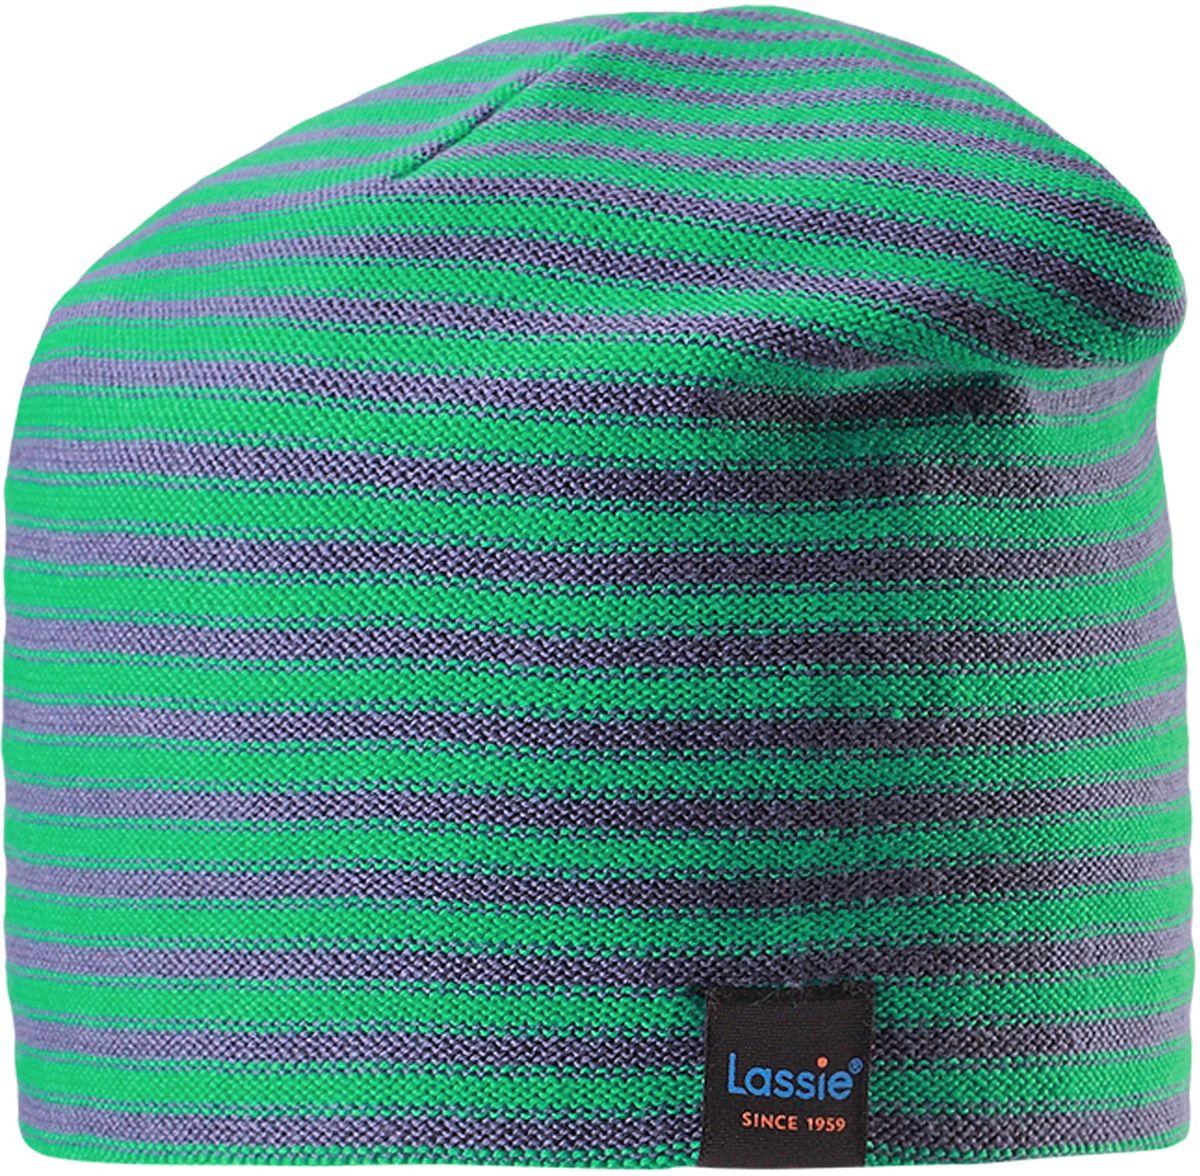 Шапка детская Lassie, цвет: зеленый, серый. 7287108810. Размер 52/547287108810Детская шапка в яркую полоску рассчитана на веселые игры в межсезонье. Она изготовлена из комфортного эластичного и ветронепроницаемого вязаного хлопка. Полная трикотажная подкладка из смеси хлопка гарантирует тепло, а ветронепроницаемые вставки для ушей обеспечивают ушкам дополнительное утепление. Декоративная эмблема и сочные расцветки отлично сочетаются с куртками и брюками Lassie!